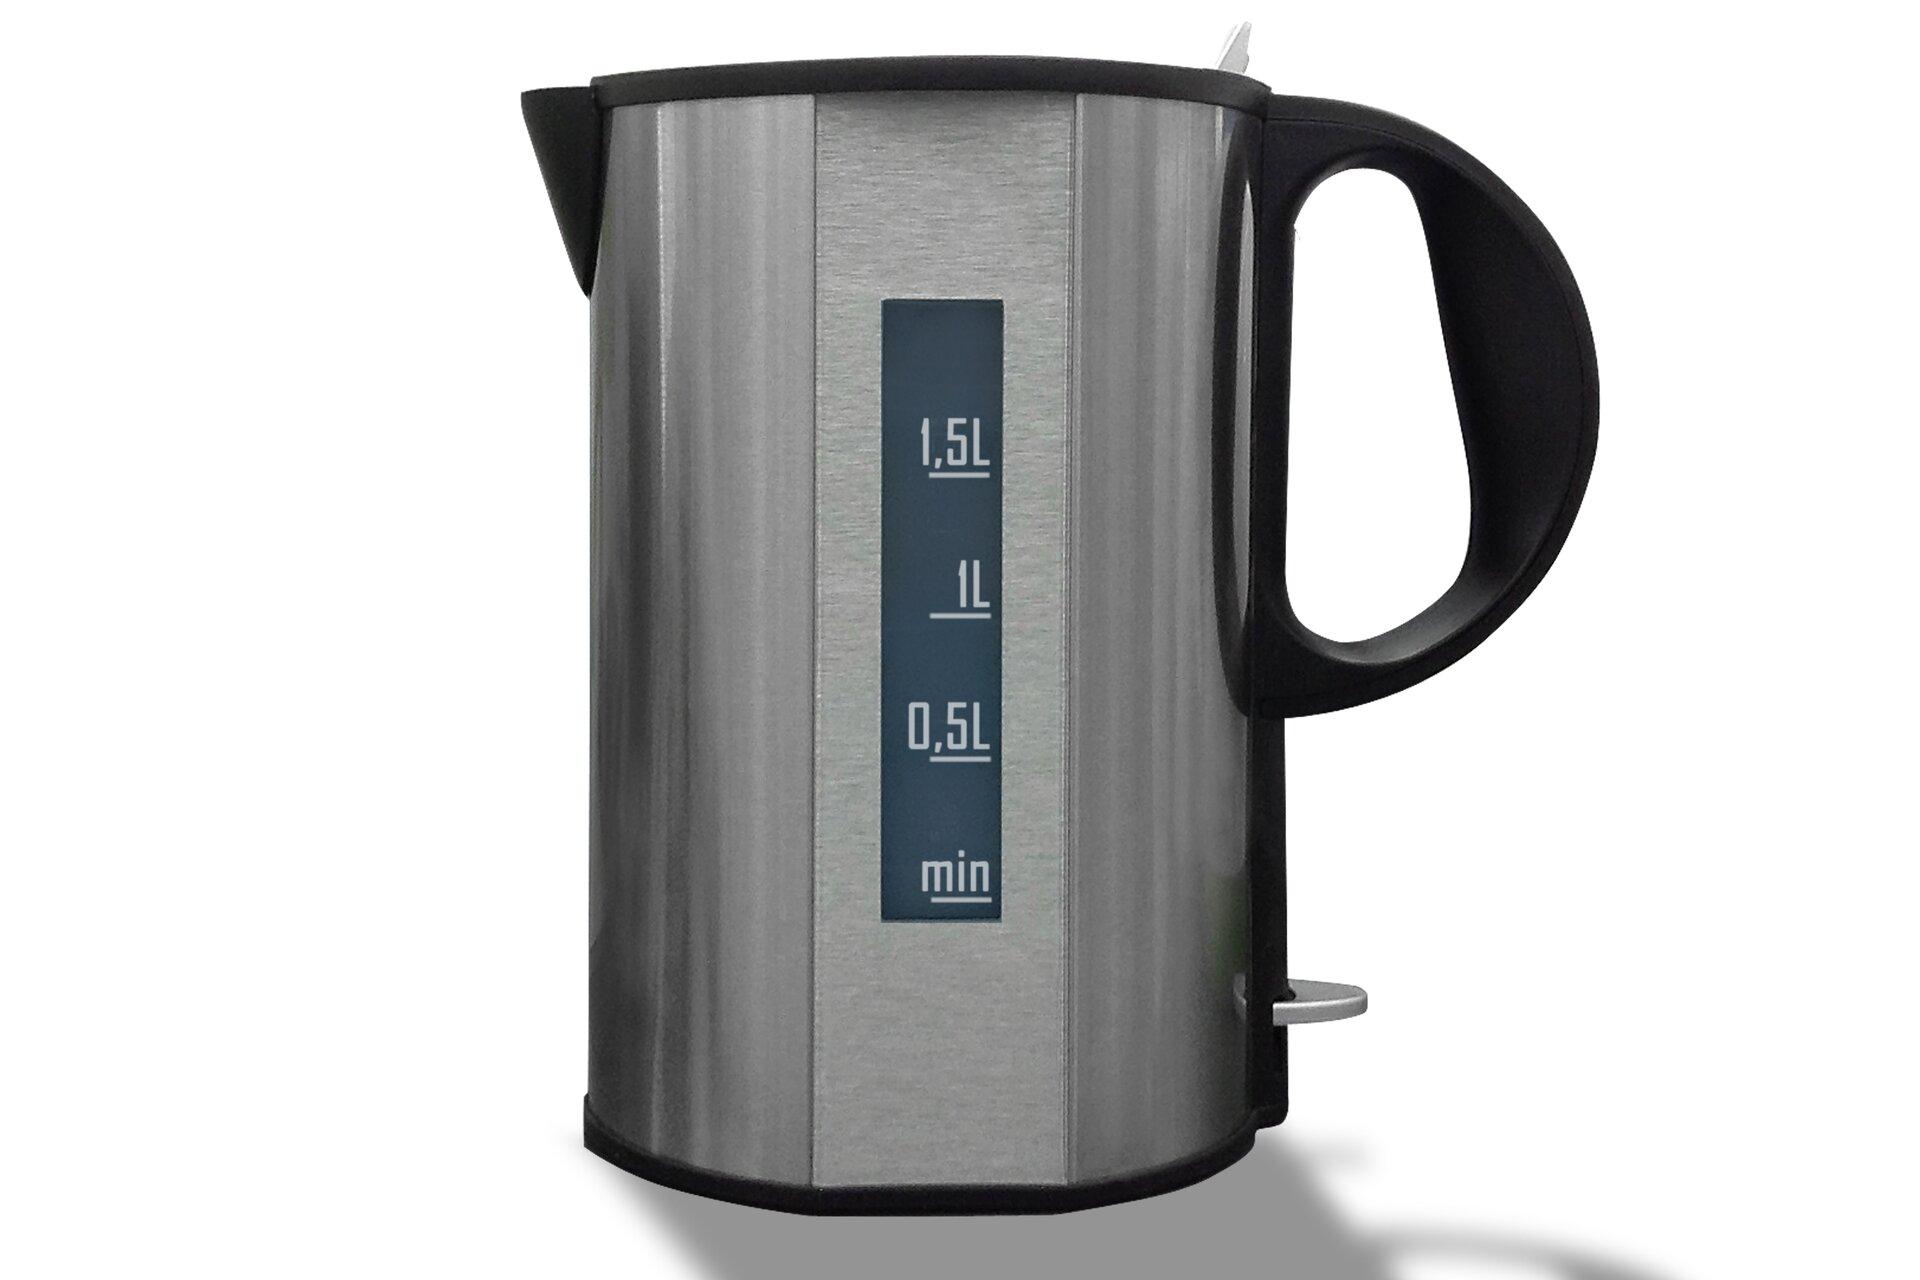 Zdjęcie czajnika elektrycznego – wskaźnik poziomu wody oznaczony ułamkami dziesiętnymi.